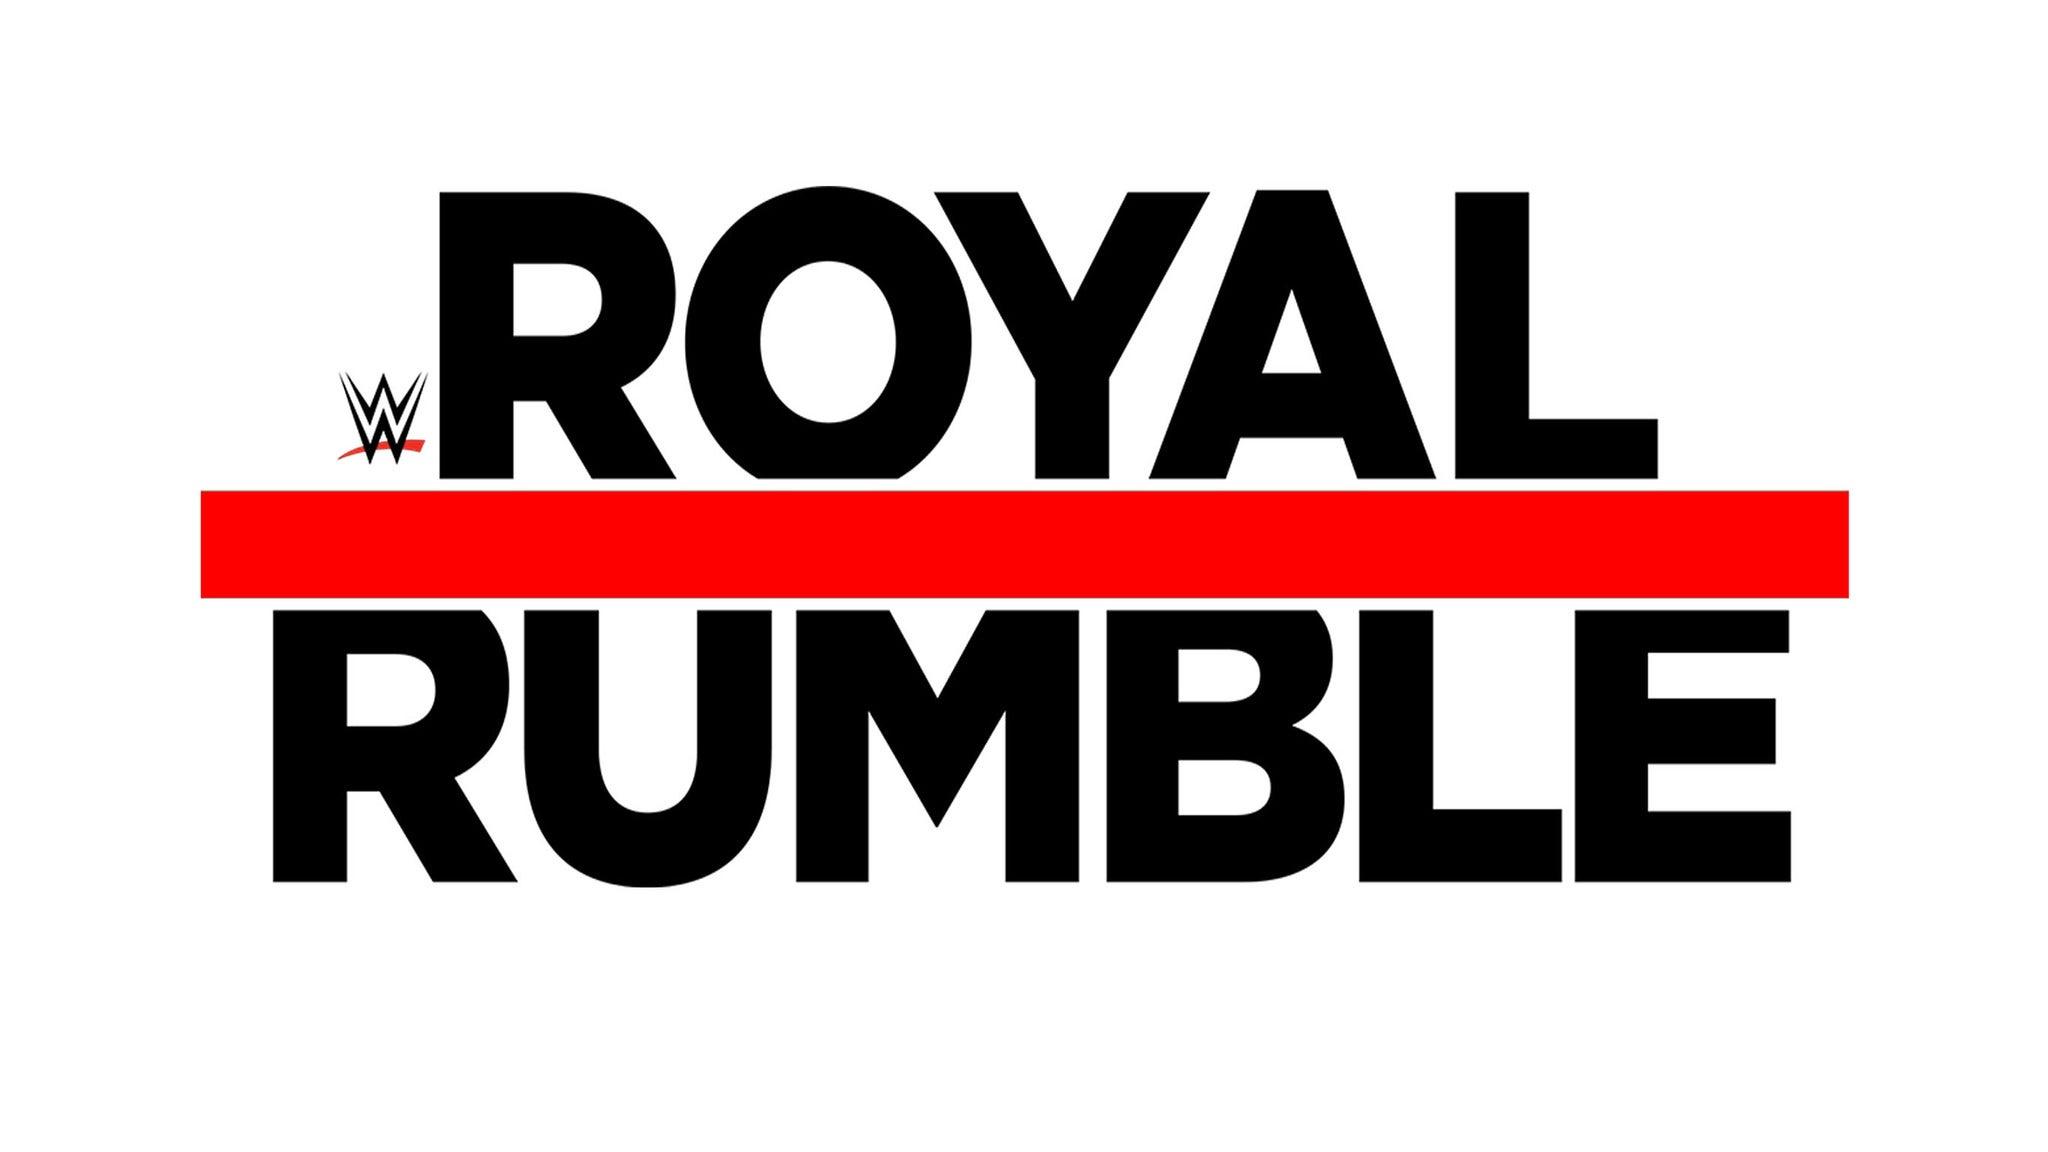 WWE Royal Rumble at Chase Field